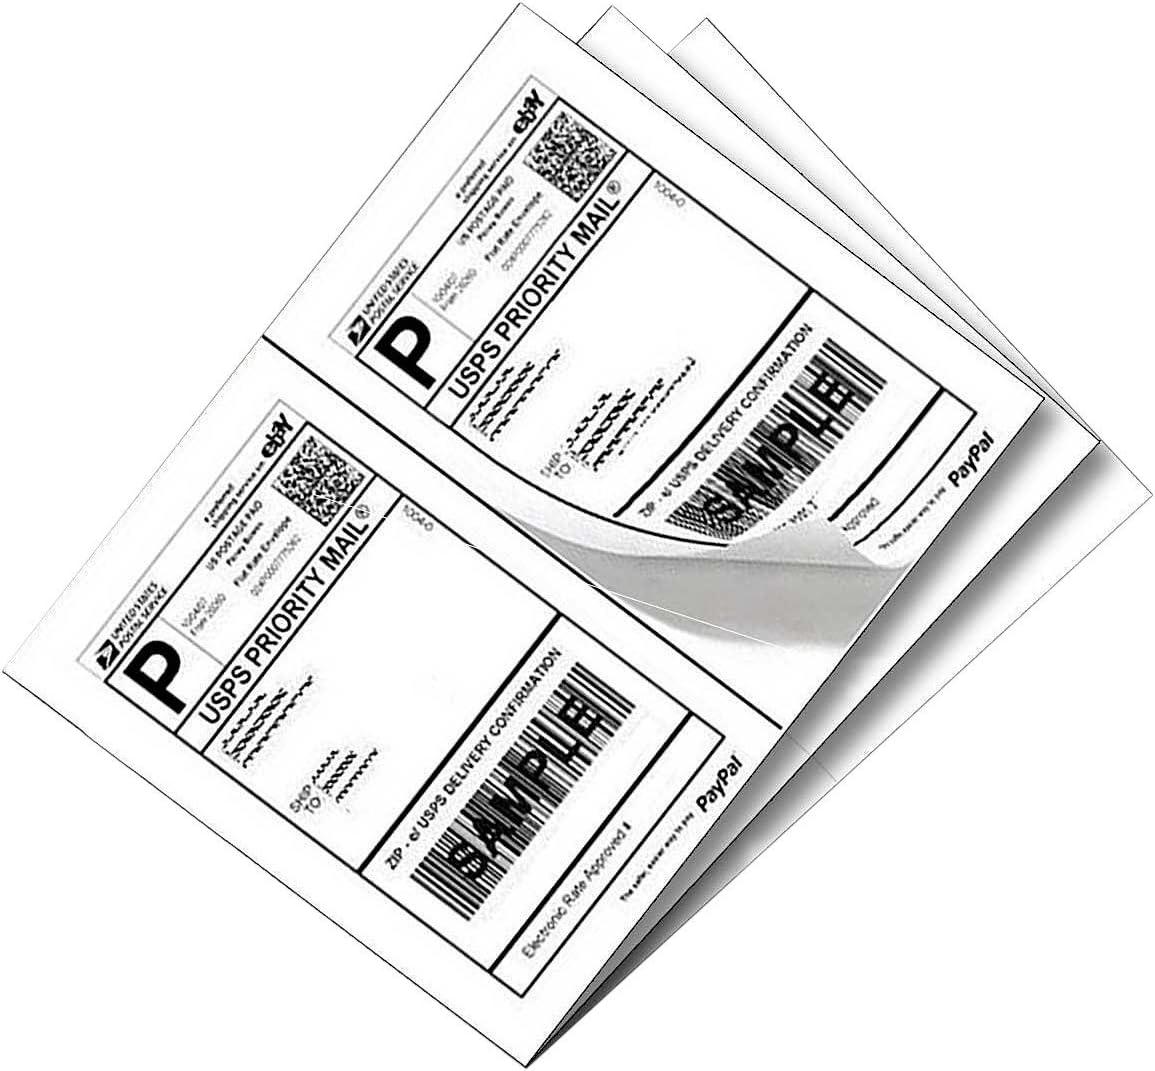 200 labels laser printer labels click ship address mail